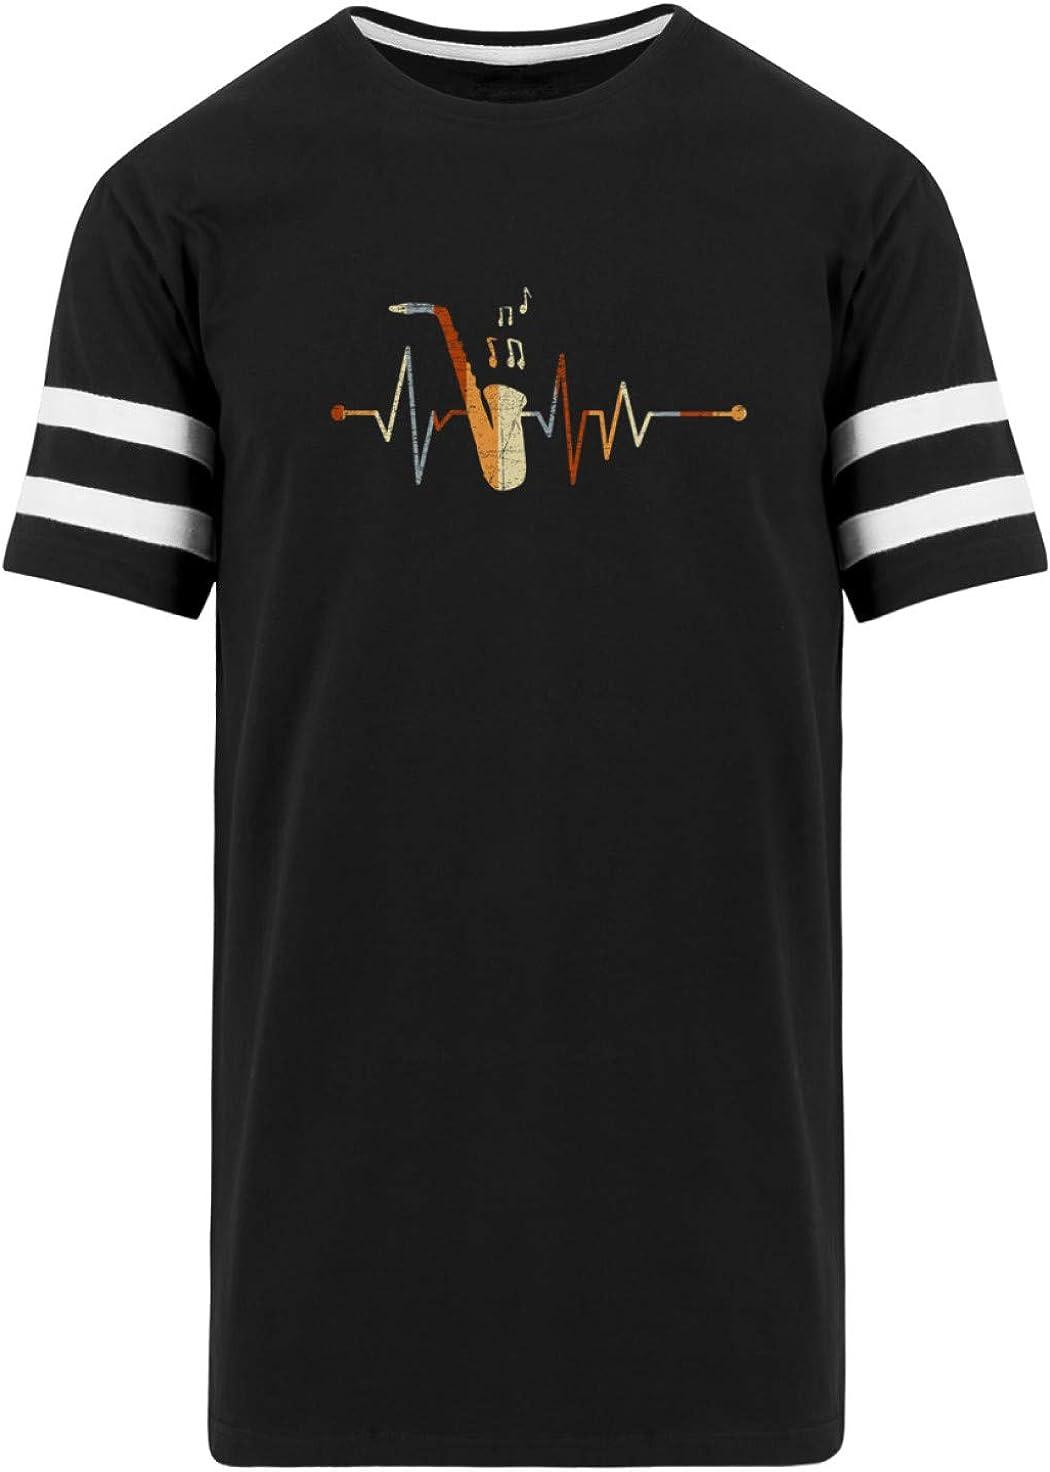 Shirtee Saxofón Saxofonista Instrumento Musical Músico Jazz Latido del Corazón - Camisa de Hombre -XXL-ennegrecer: Amazon.es: Ropa y accesorios